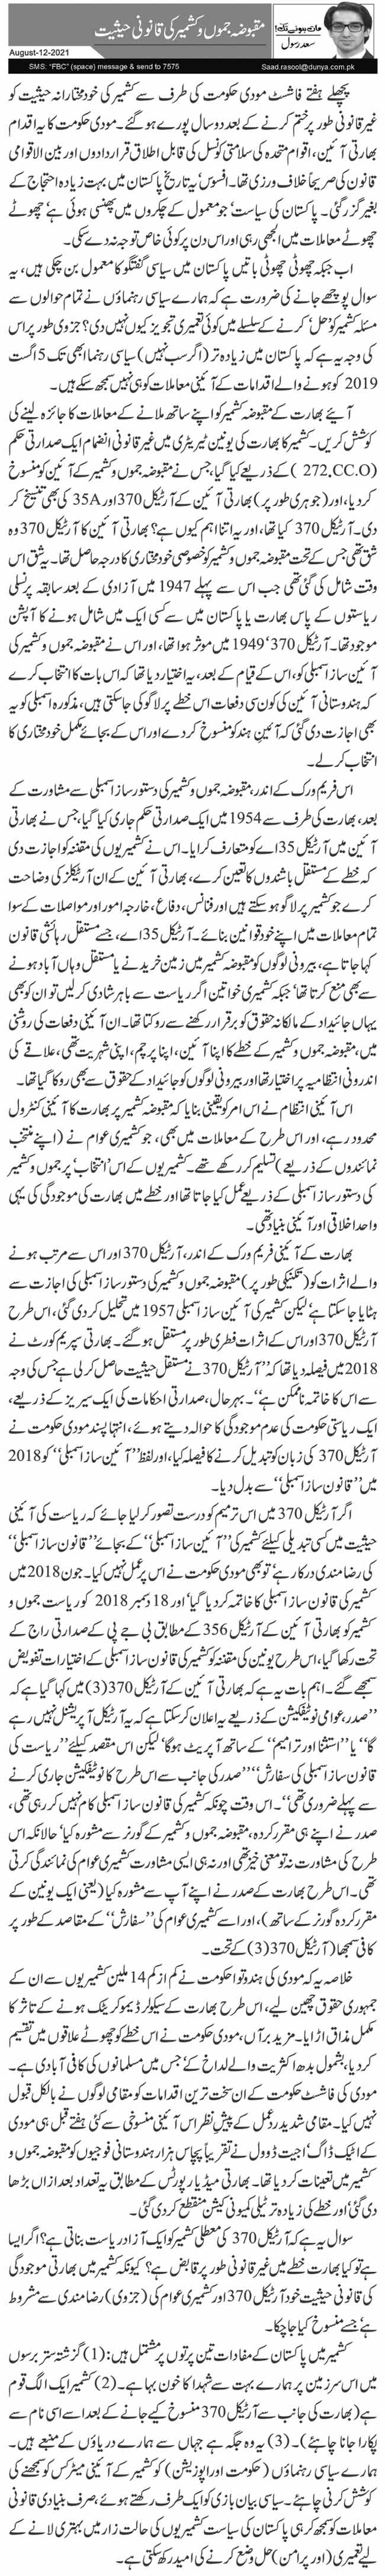 مقبوضہ جموں و کشمیر کی قانونی حیثیت